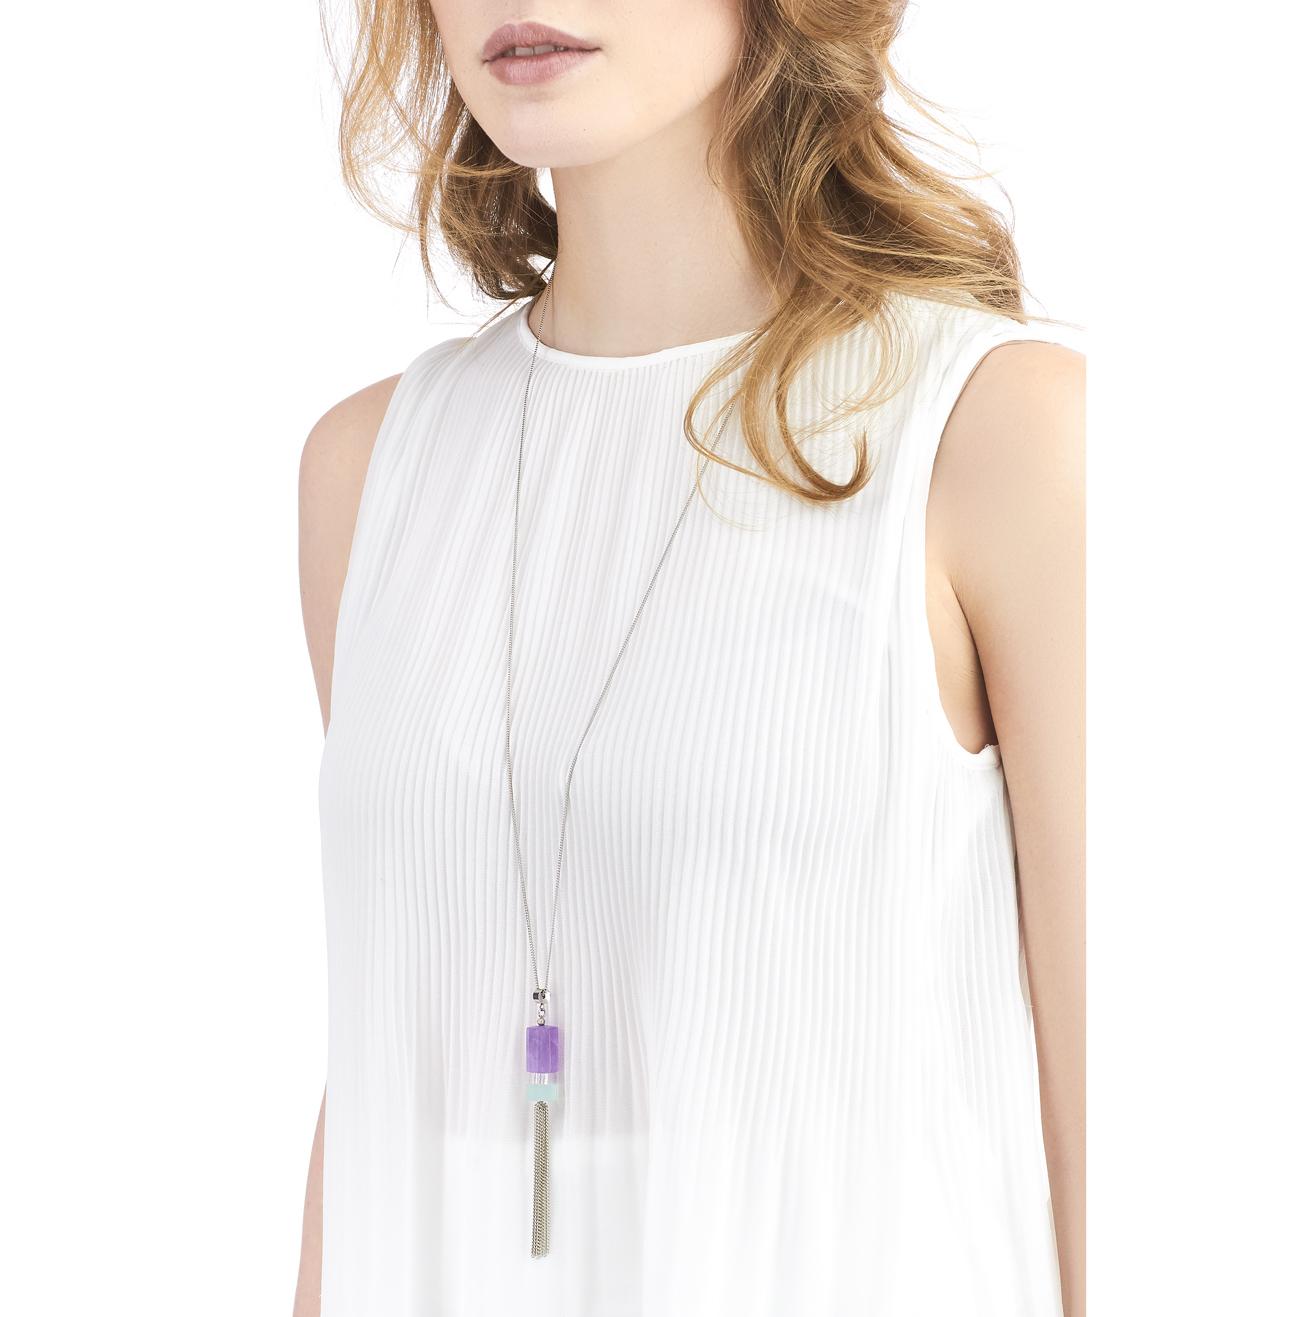 Golovina accessories ювелирная бижутерия колье Eileen из натуральных камней